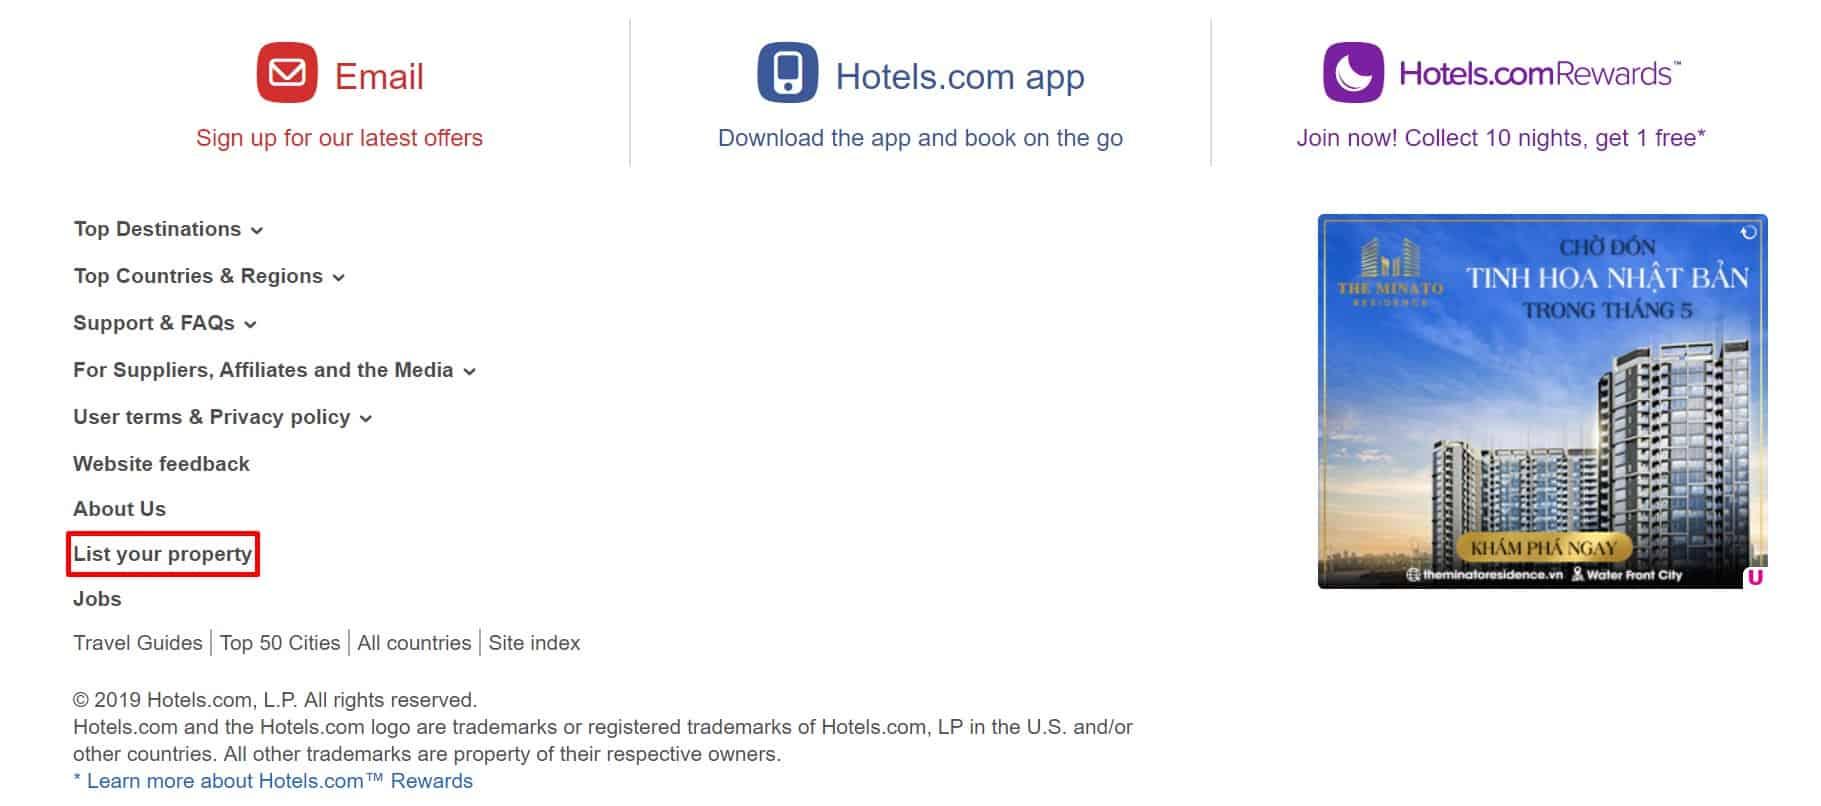 Hướng dẫn chi tiết cách đăng ký bán phòng trên hotels.com - Bước 2